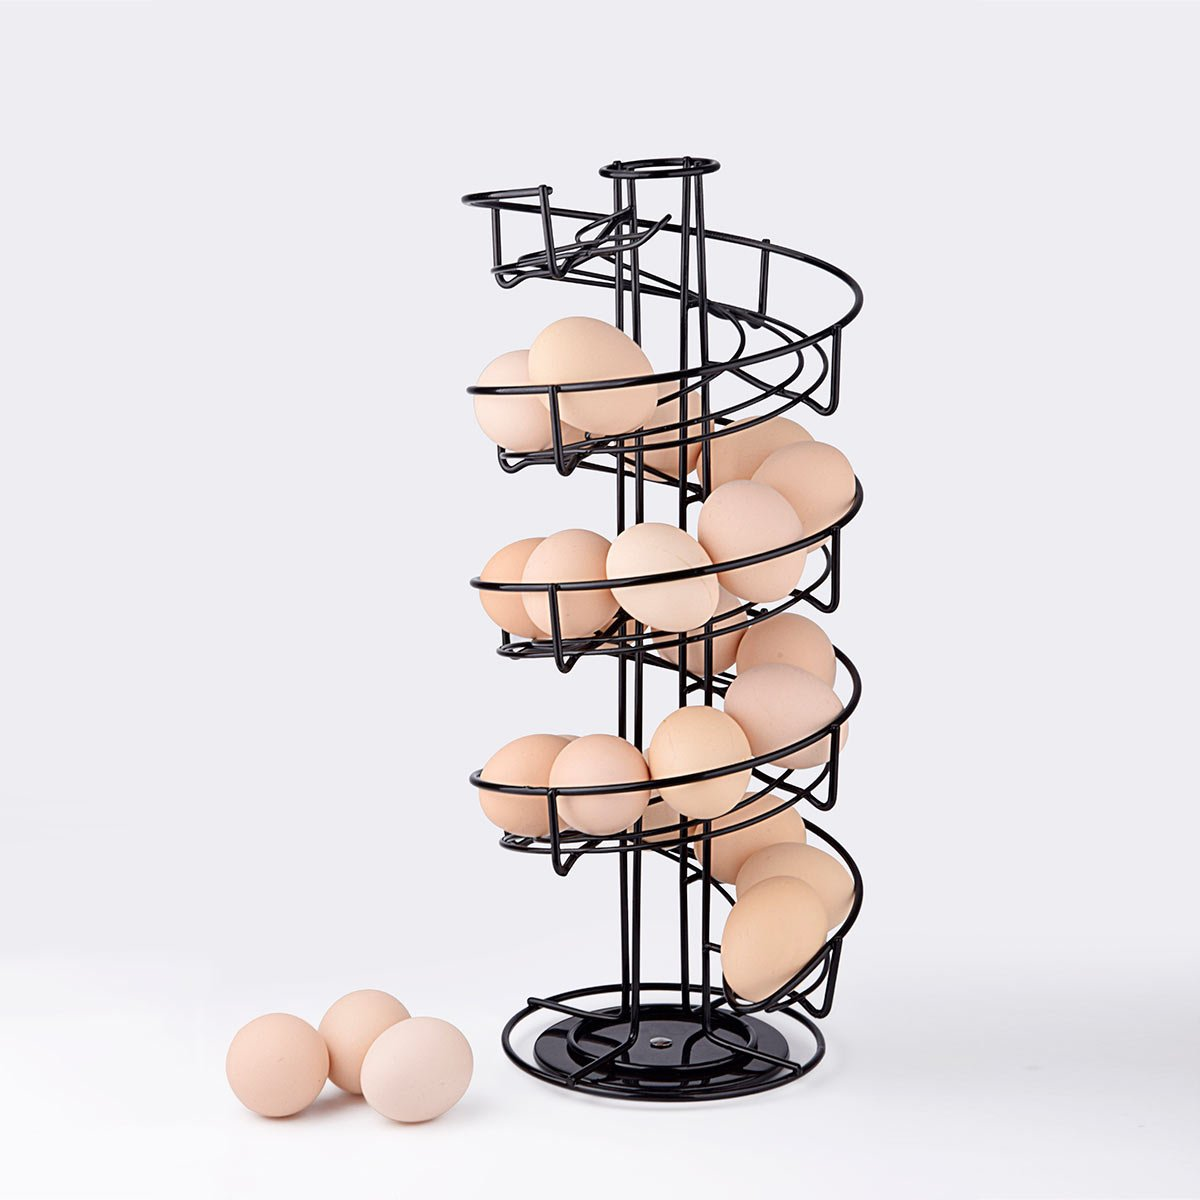 dise/ño en espiral /Soporte dispensador de huevos TopLife